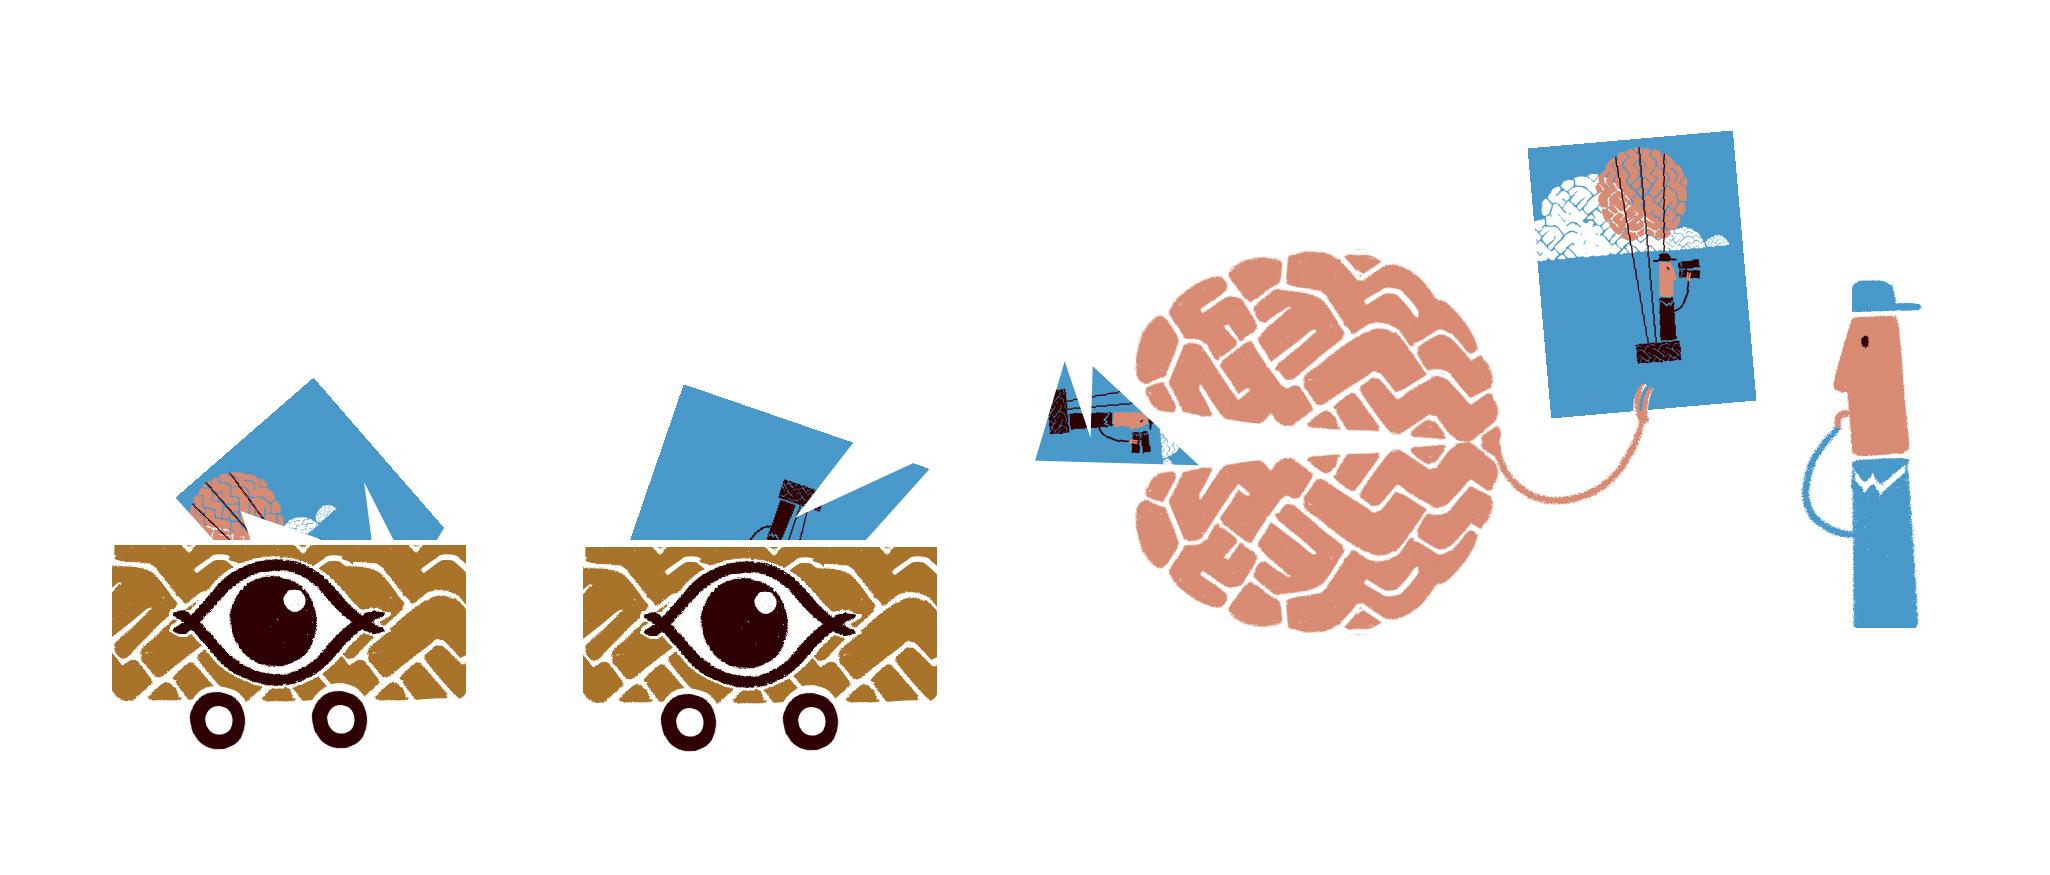 Je kijkt met je ogen, maar ziet met je hersenen. Peter Moleman